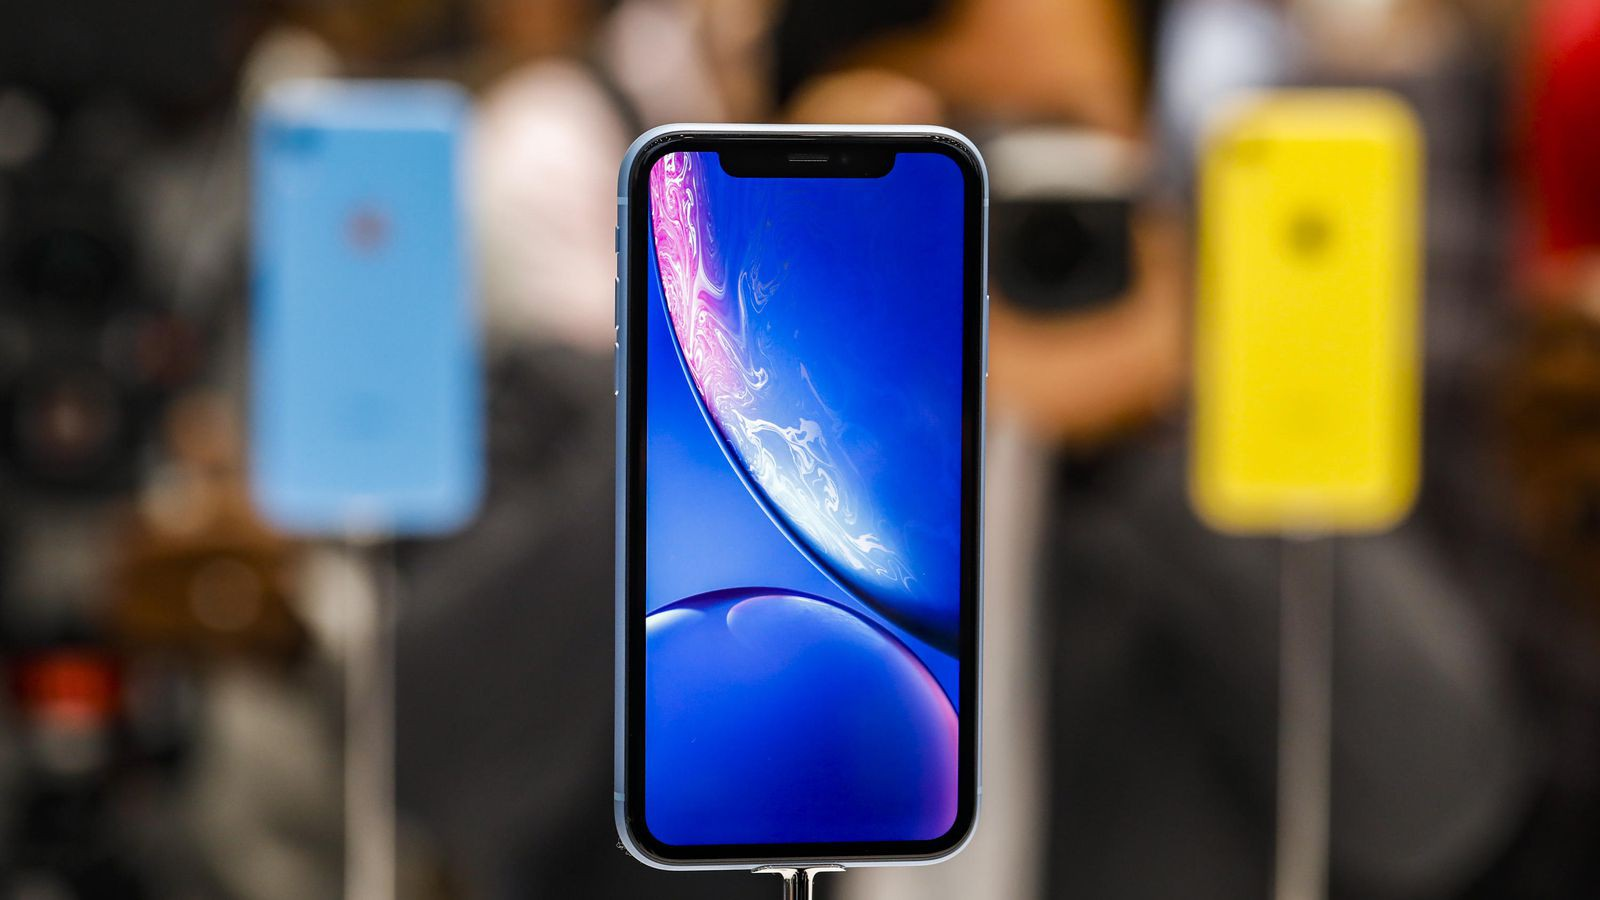 Apple muốn làm một chiếc iPhone không thể bị phá hủy? - Ảnh 1.